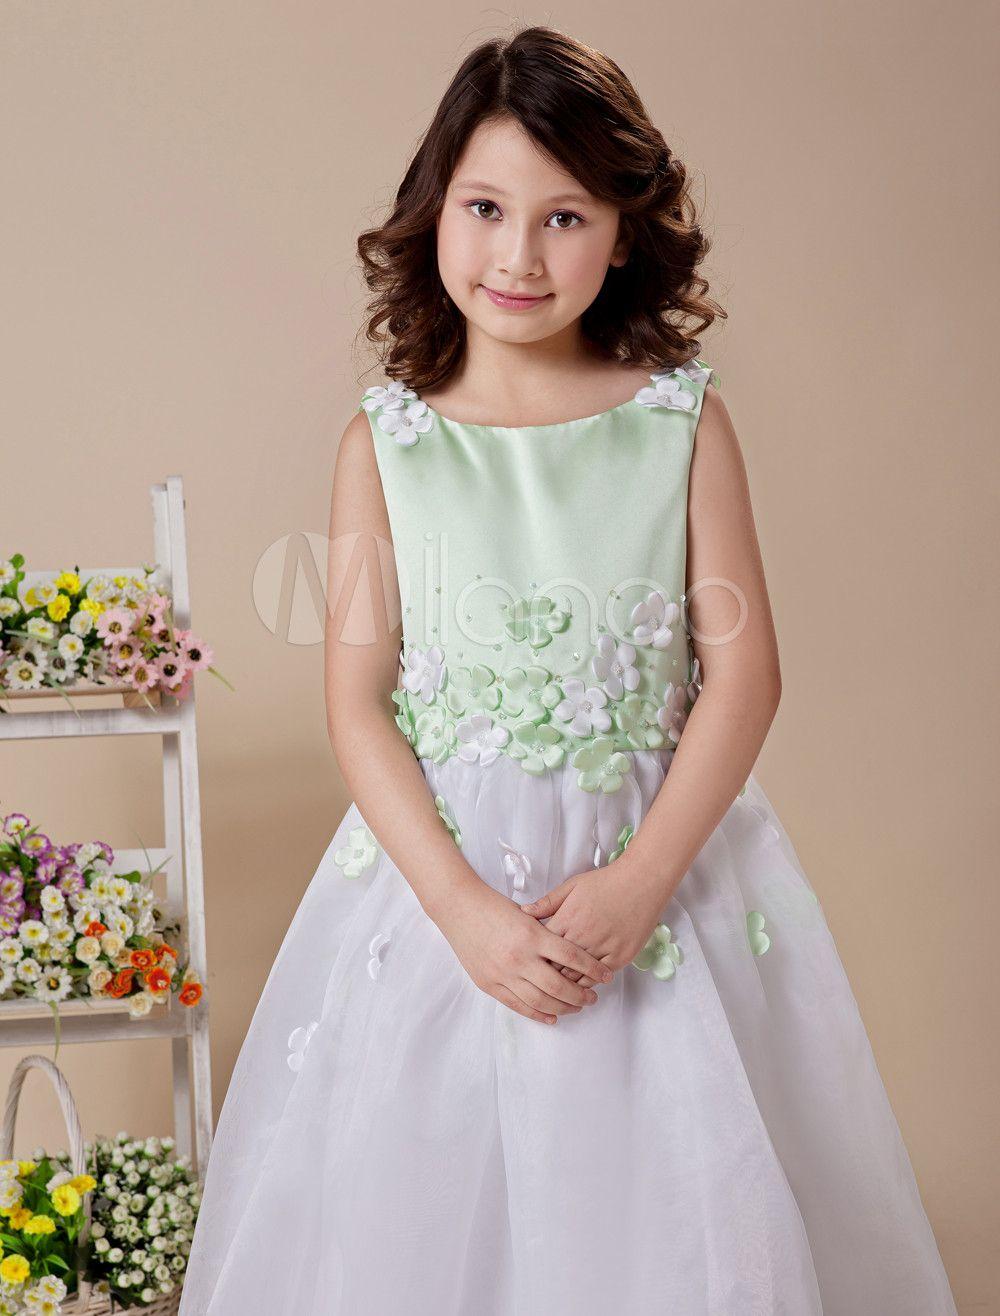 04a926cf9bb Beauteous White A-line Jewel Satin Floor Length Flower Girl Dress  Jewel